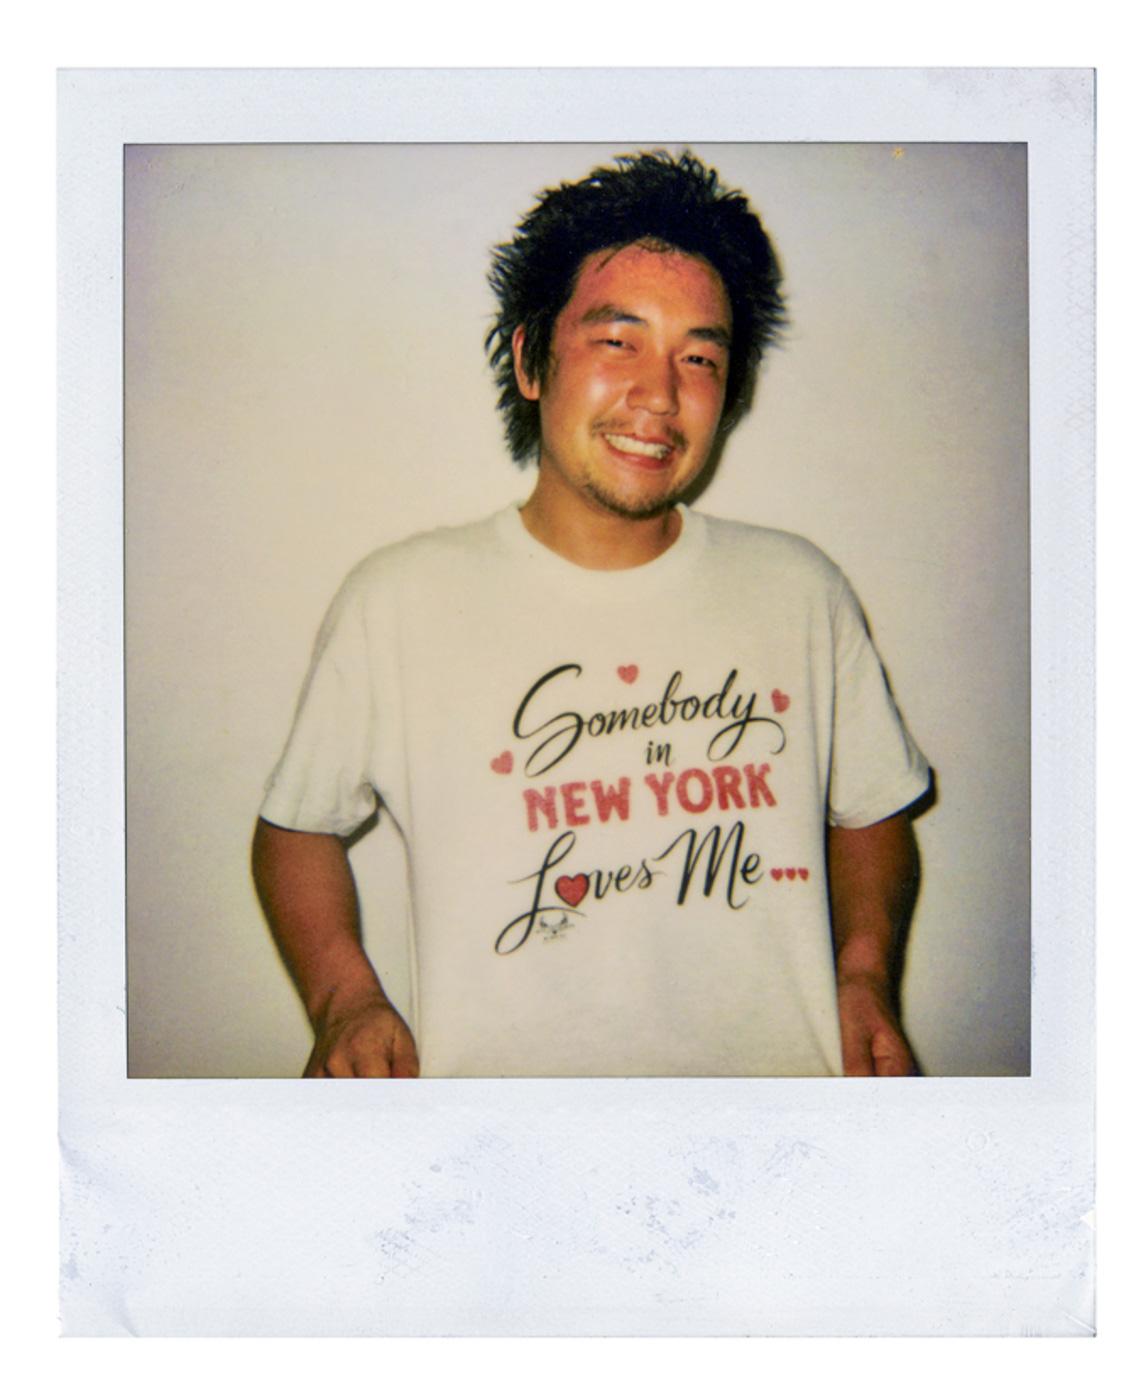 Kenji (1:09 AM) August 31, 2001